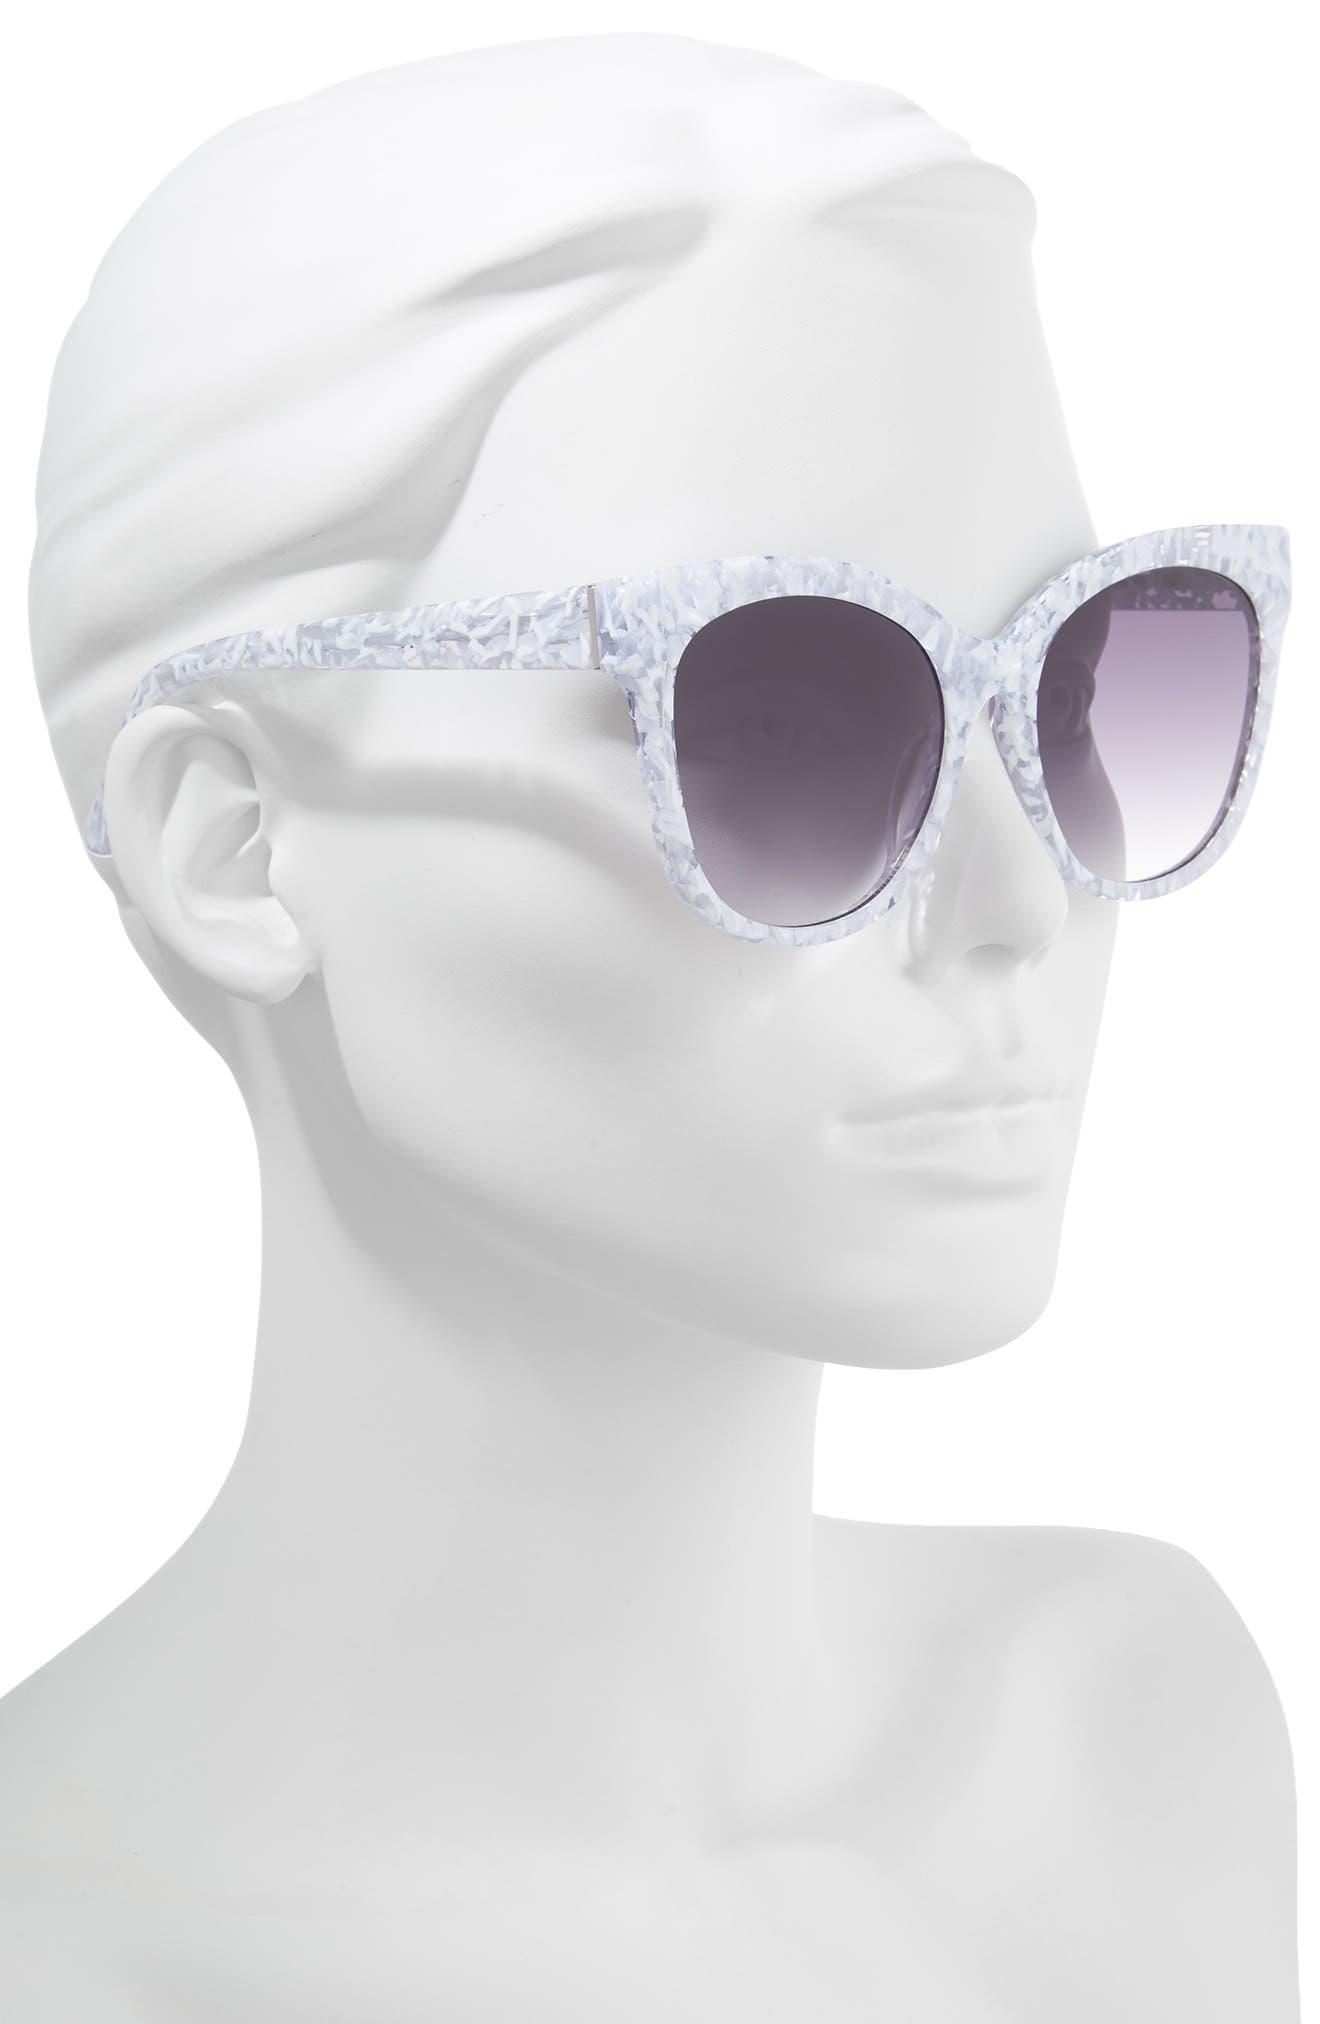 Bossa Nova 57mm Cat Eye Sunglasses,                             Alternate thumbnail 2, color,                             WHITE SPECKLE